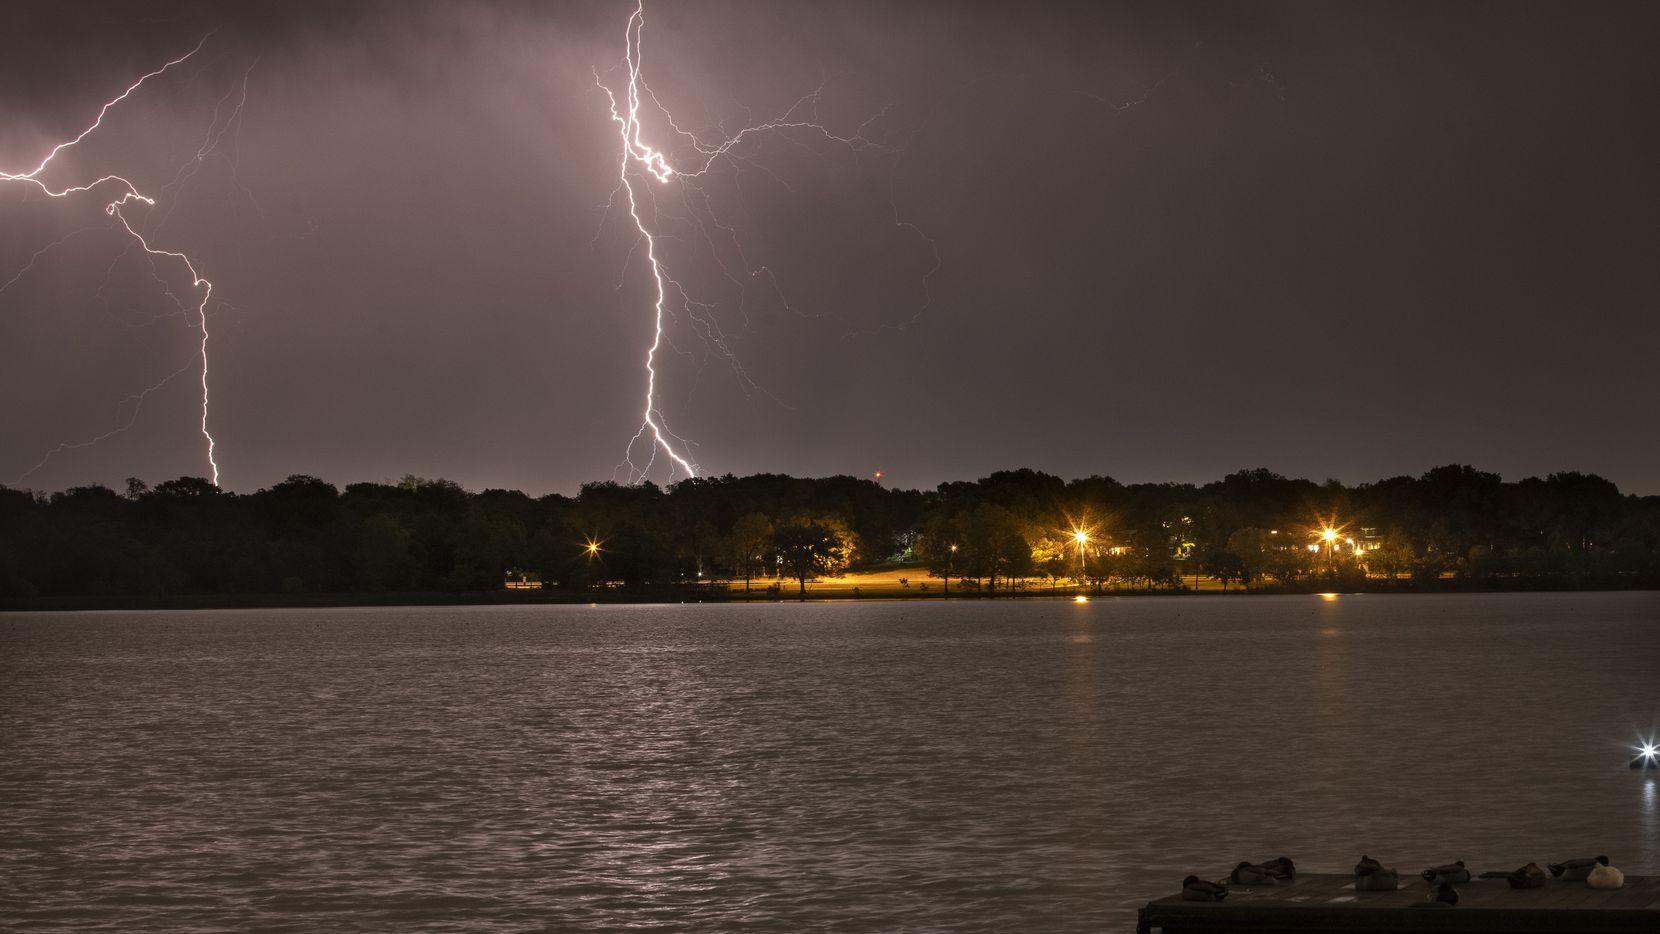 Los rayos y truenos llegaron en la noche del lunes al Norte de Texas. Esta imagen fue captada en White Rock Lake.